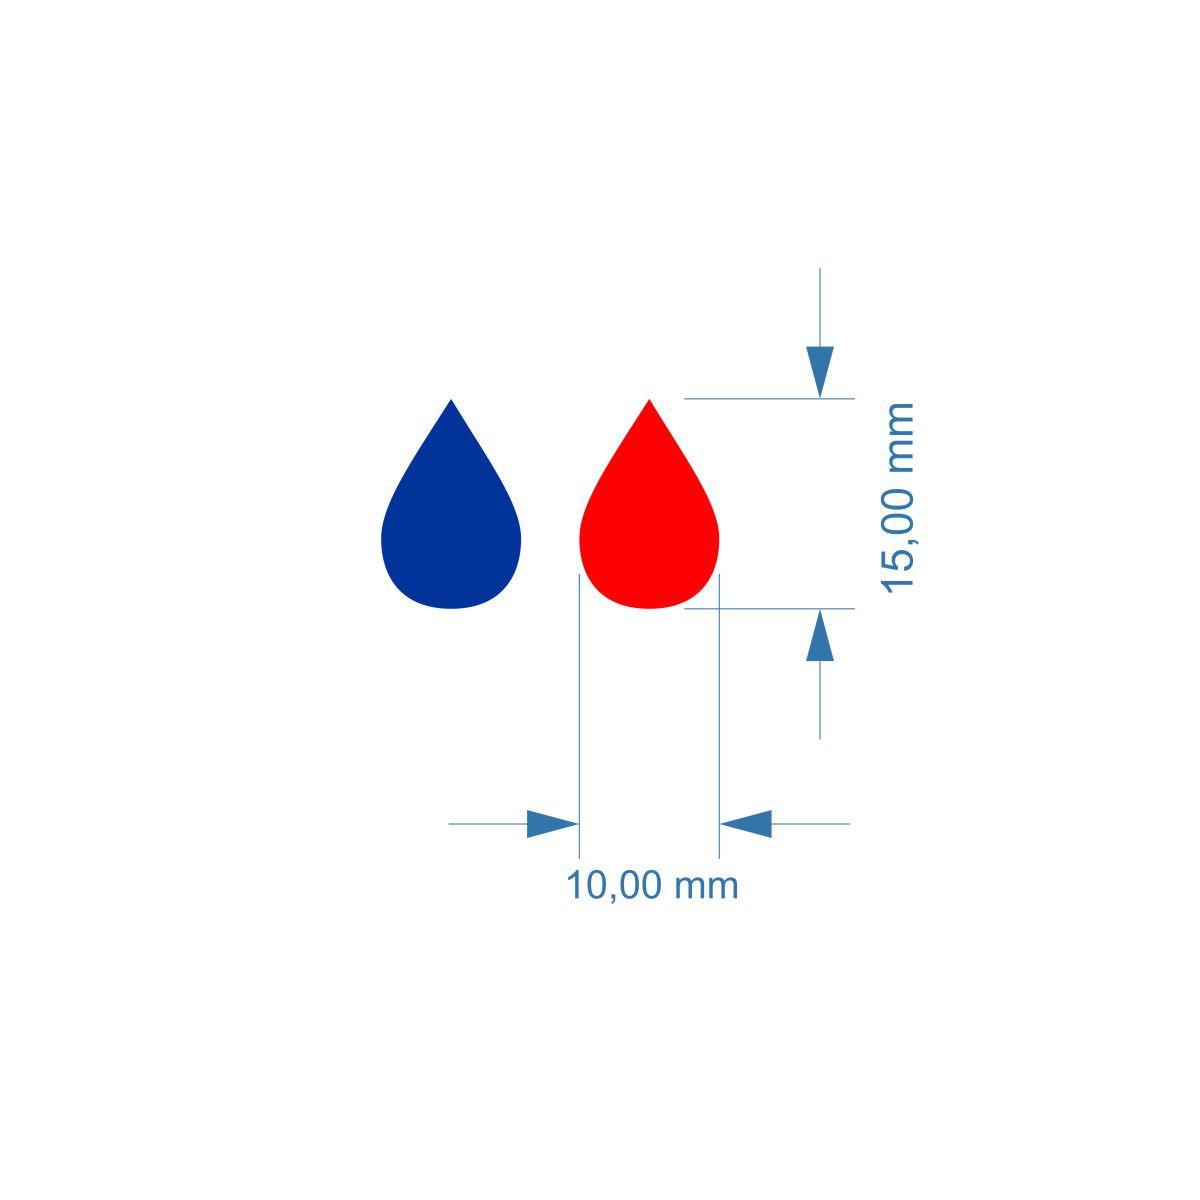 Etiquetas em Gota para registro ou misturador Quente e Frio